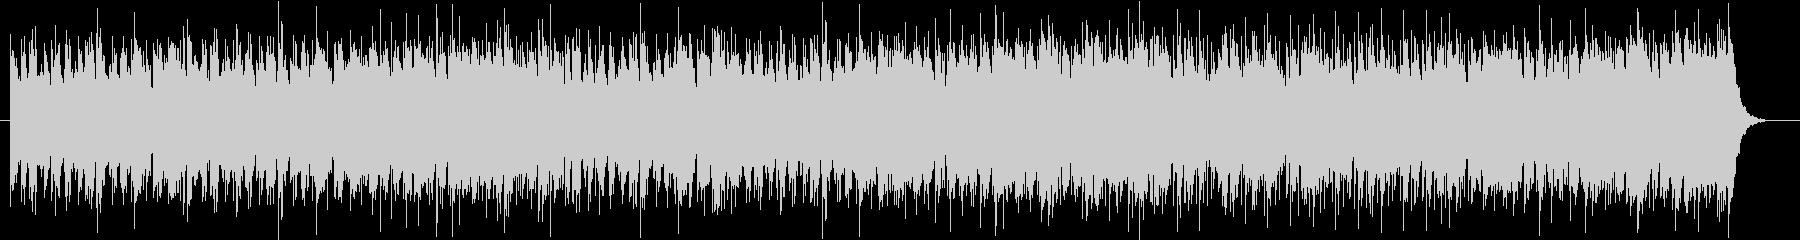 明るいケルトBGMの未再生の波形